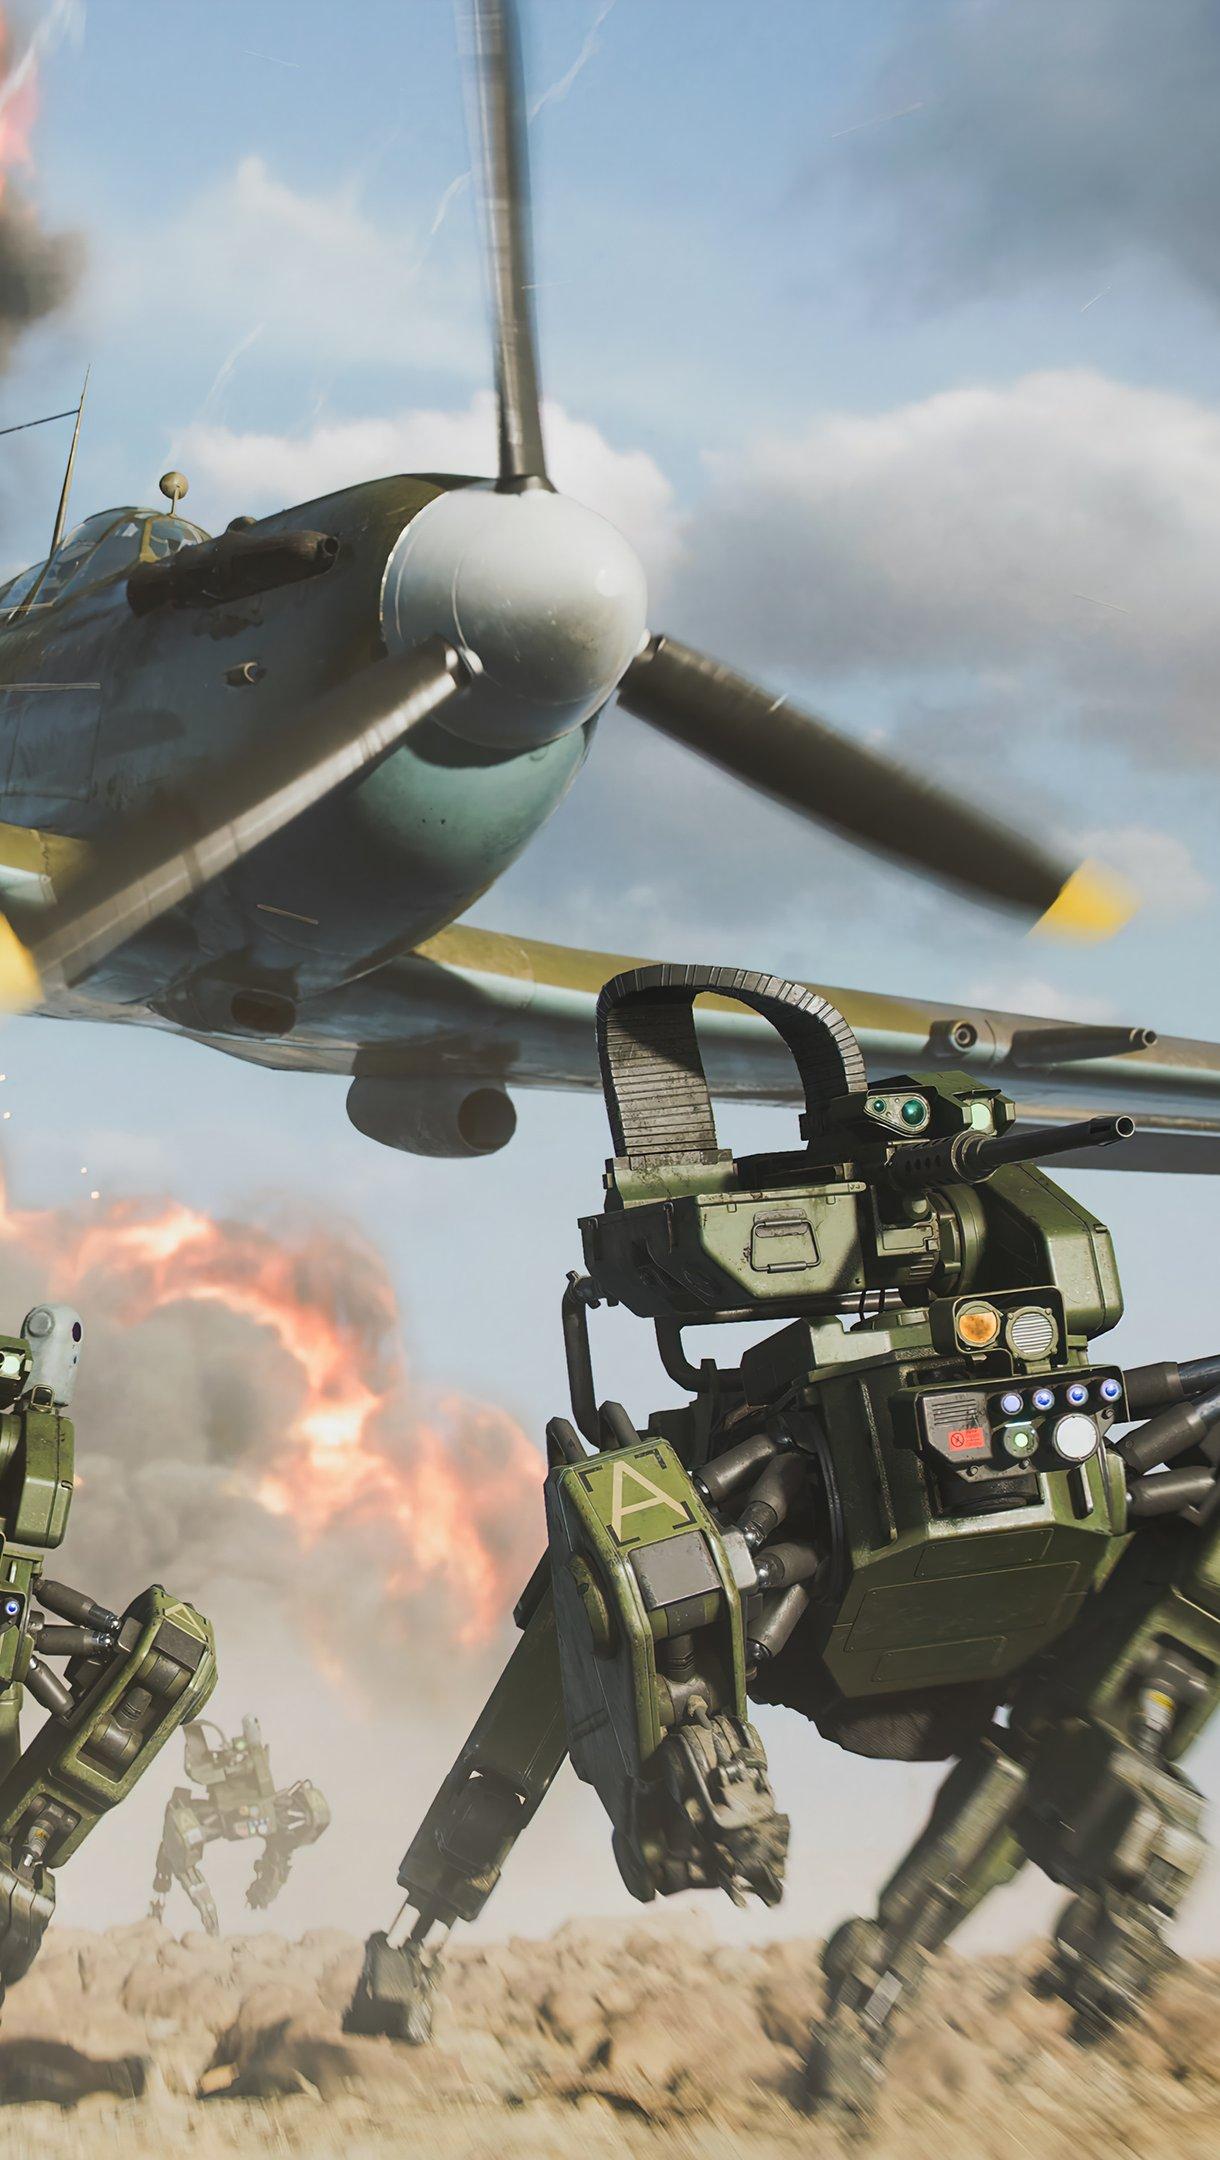 Wallpaper Robot Dog in Battlefield 2042 Vertical